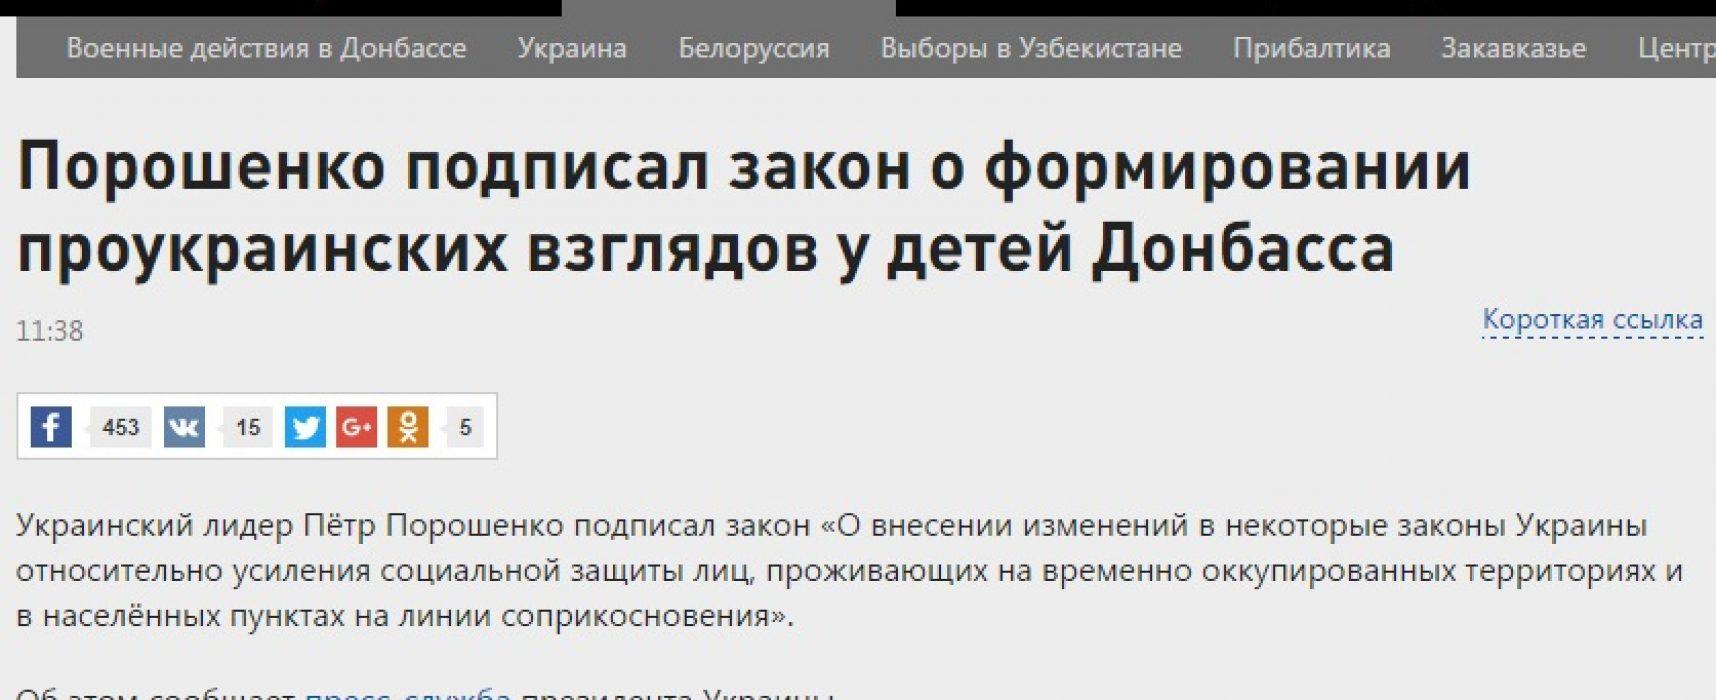 Фейк: Порошенко подписал закон о формировании проукраинской позиции у детей Донбасса